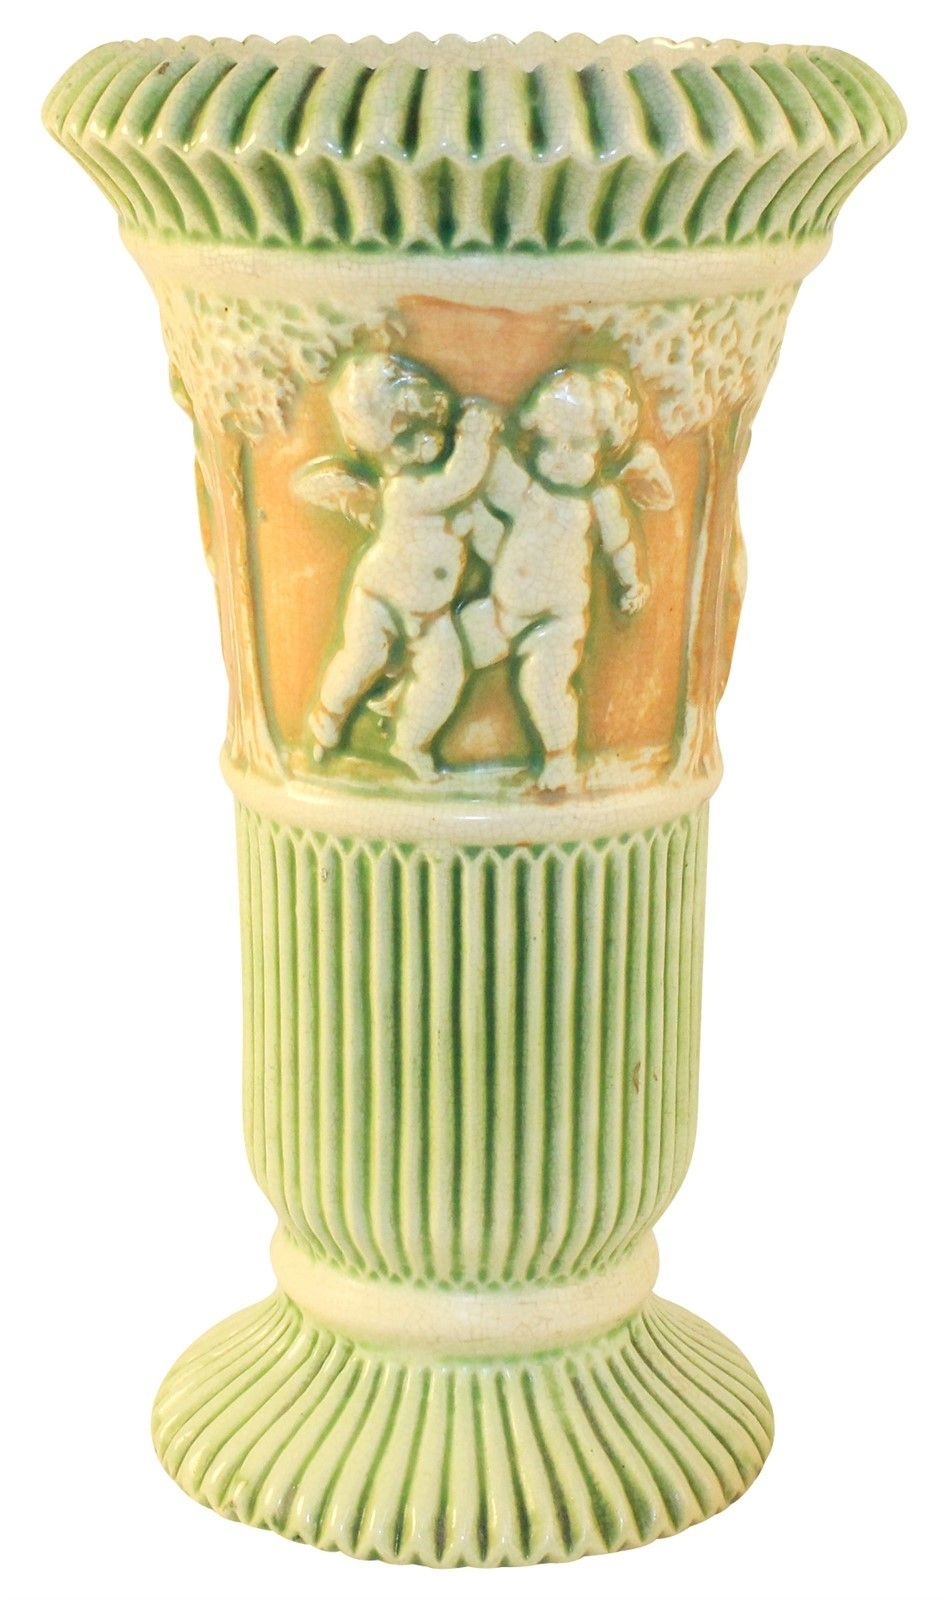 Roseville Pottery Donatello Vase 113-12